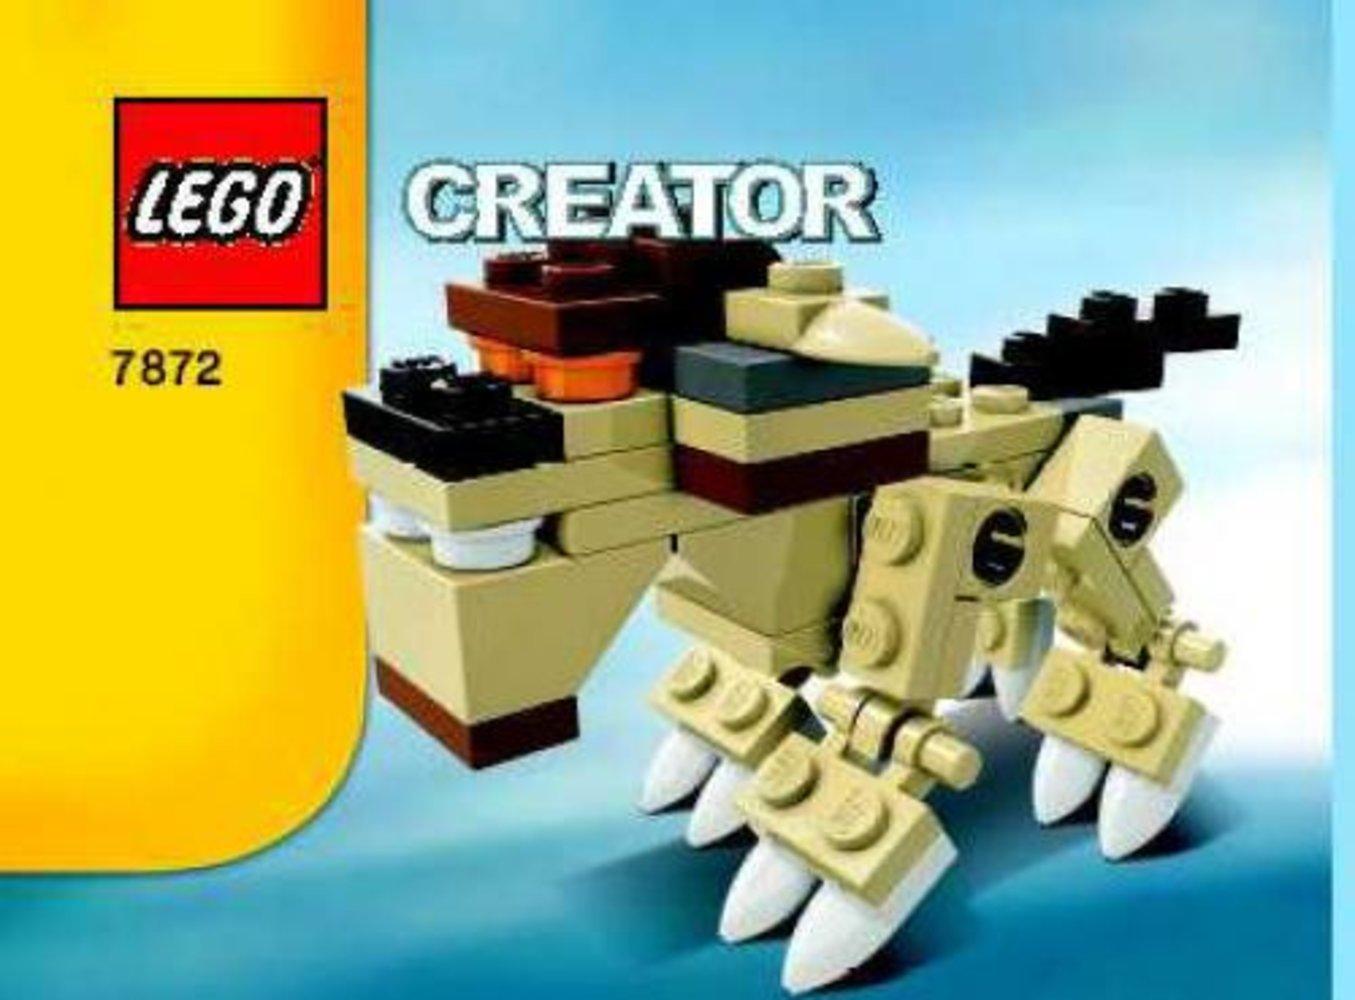 Lego Creator 7872 pas cher, Lion